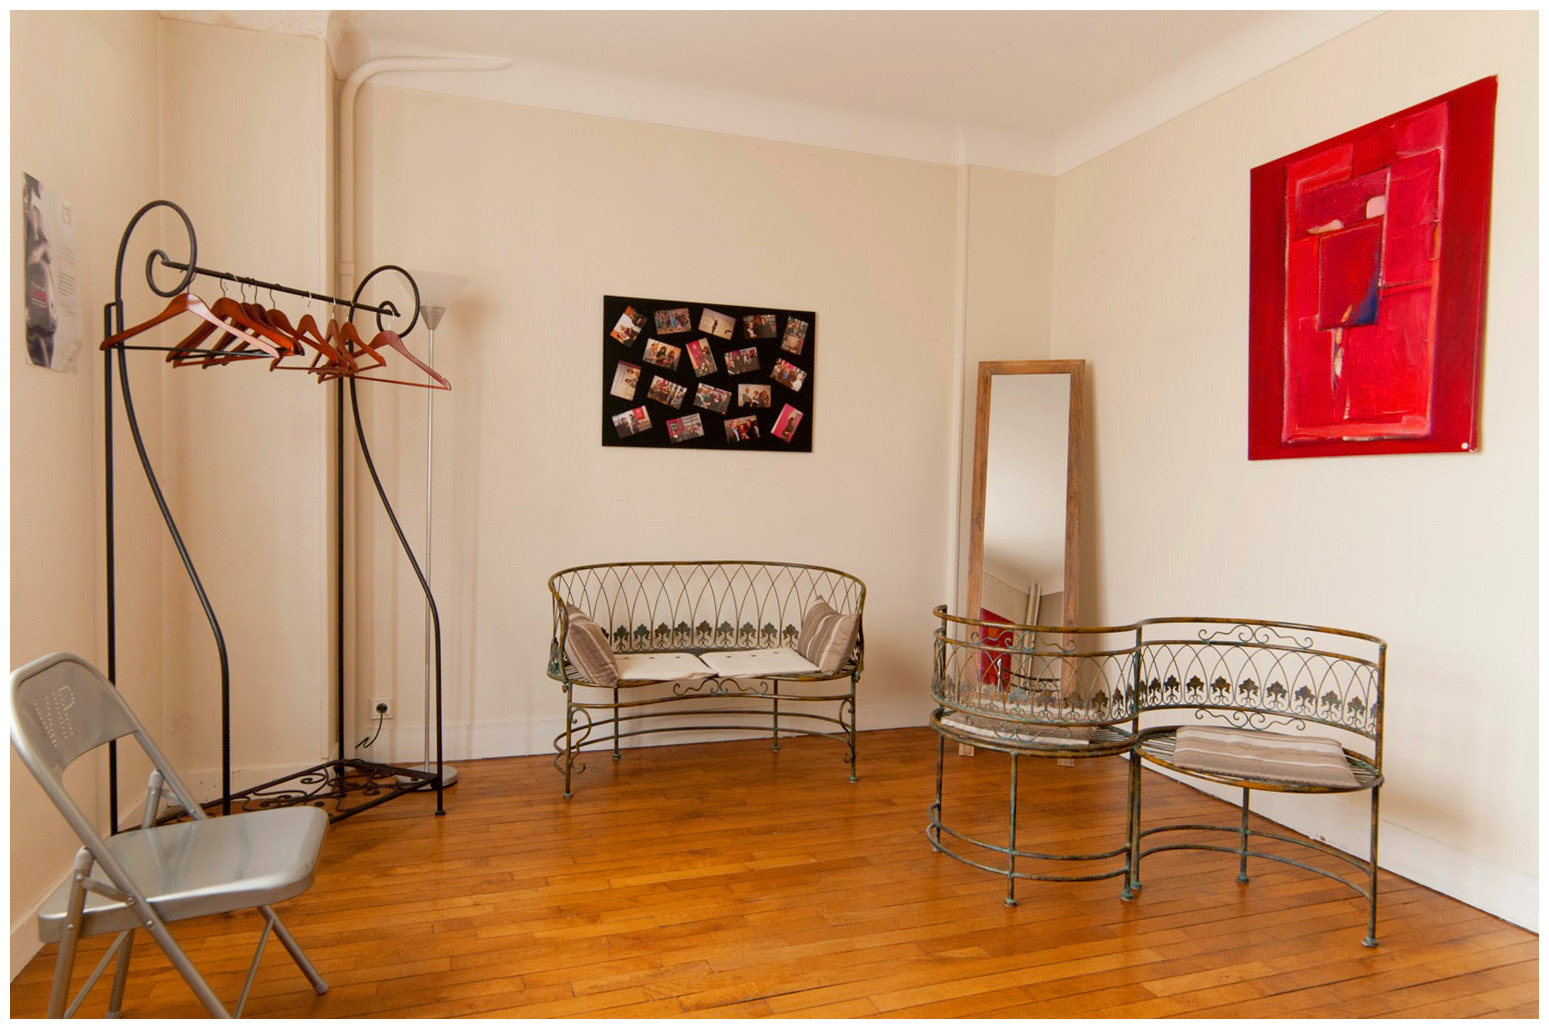 caen-pilates-studio-05